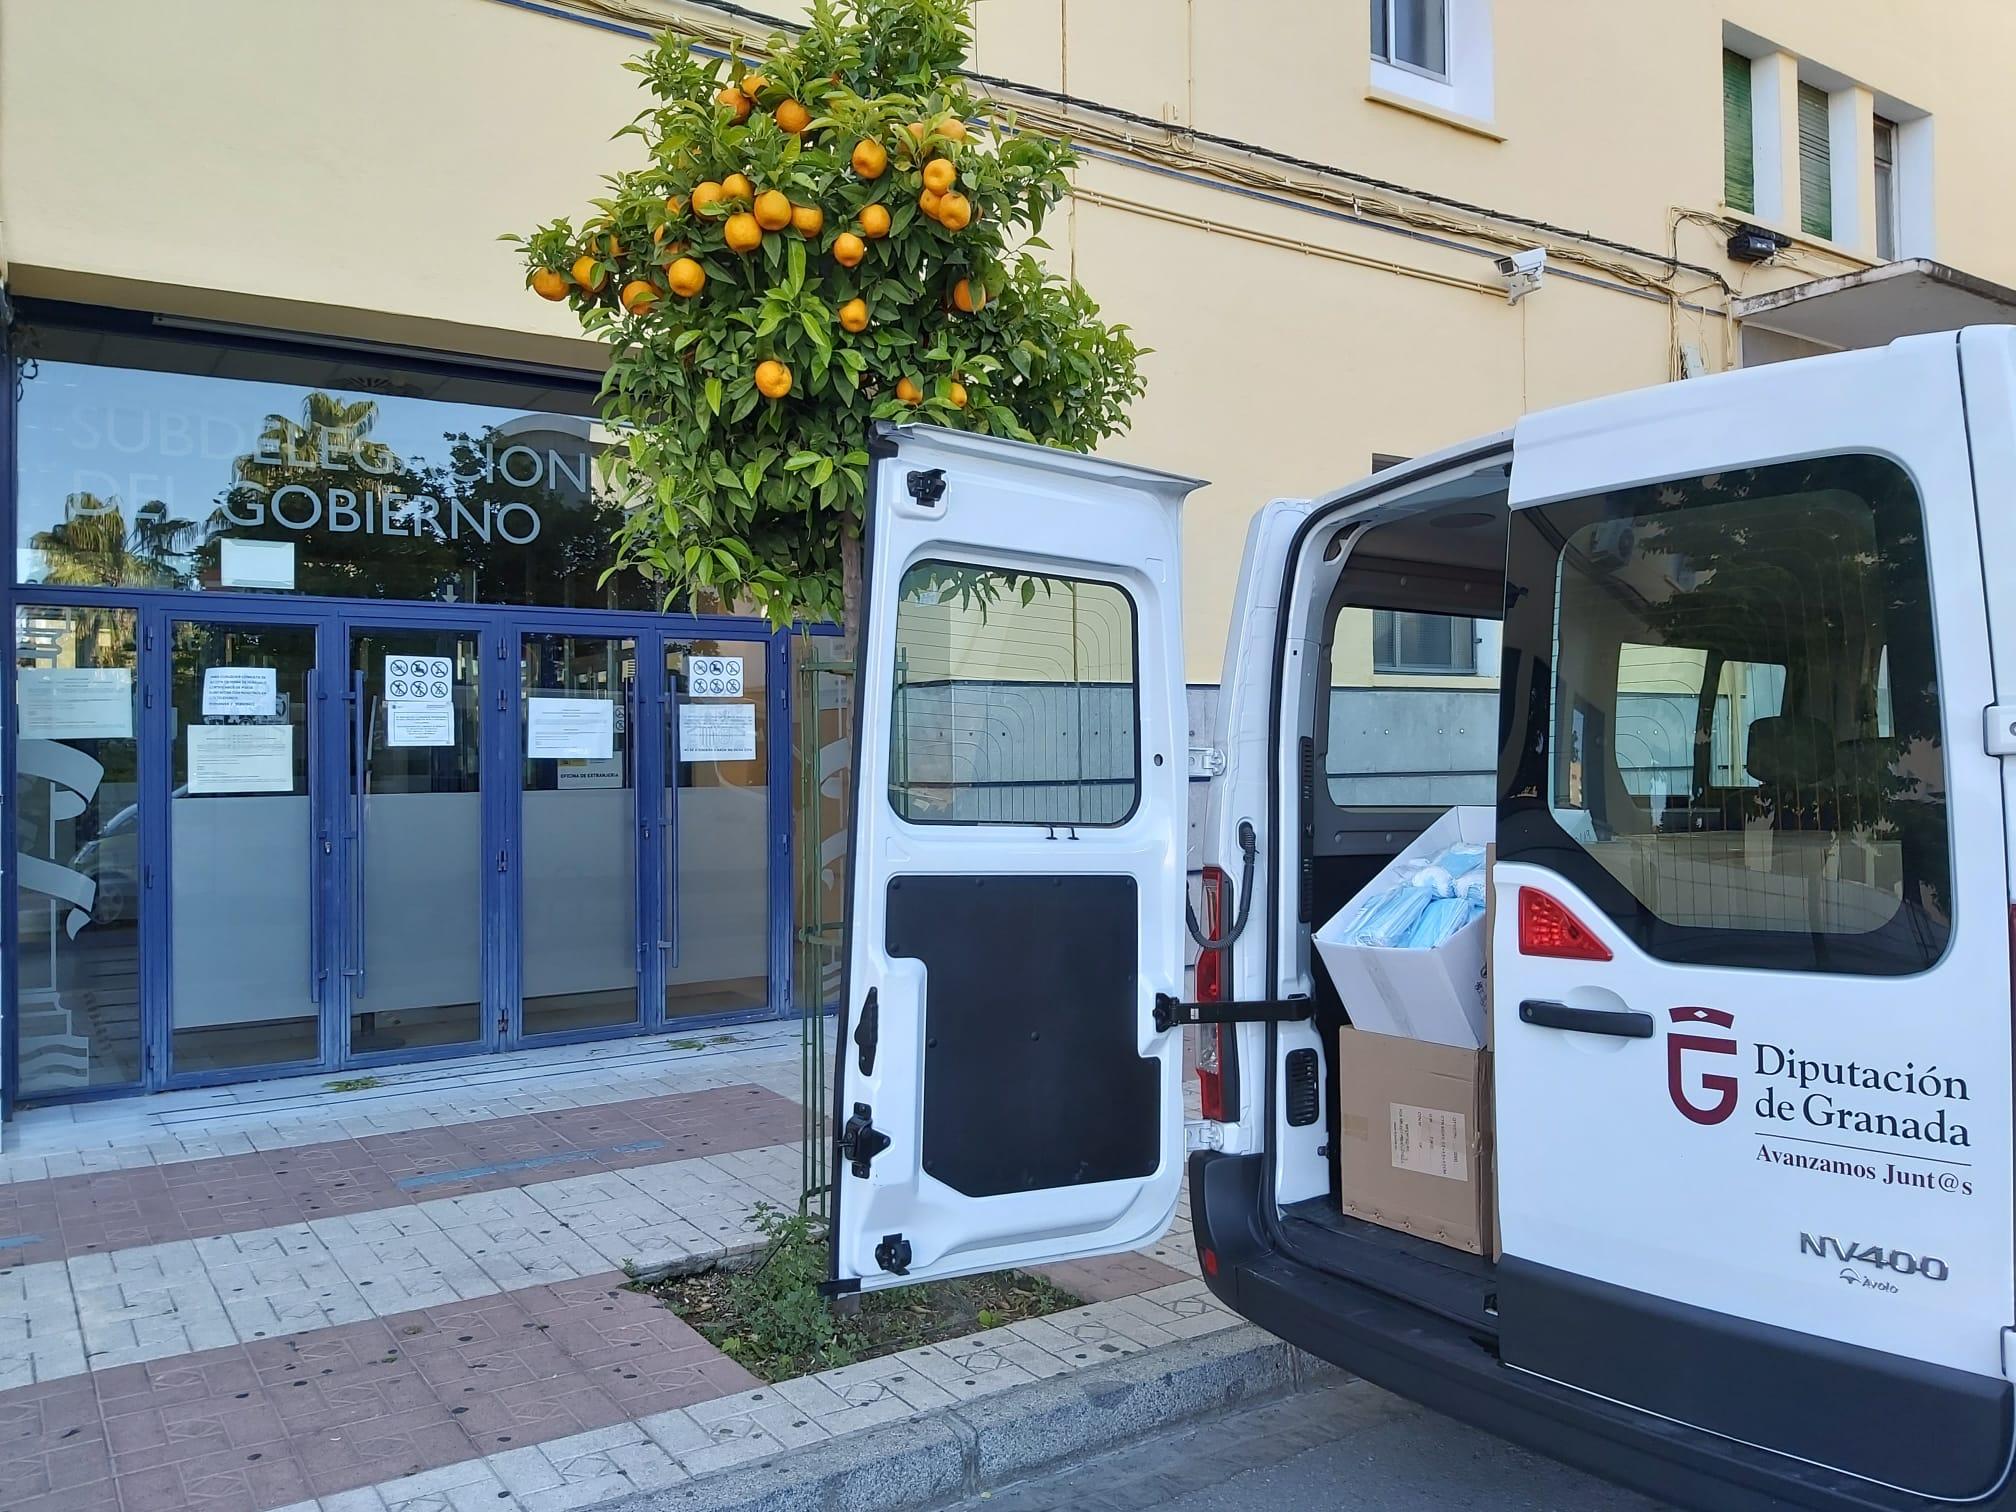 Diputación distribuye 27.000 mascarillas para los municipios y 1.800 pantallas y 600 gafas protectoras para ayuda a domicilio